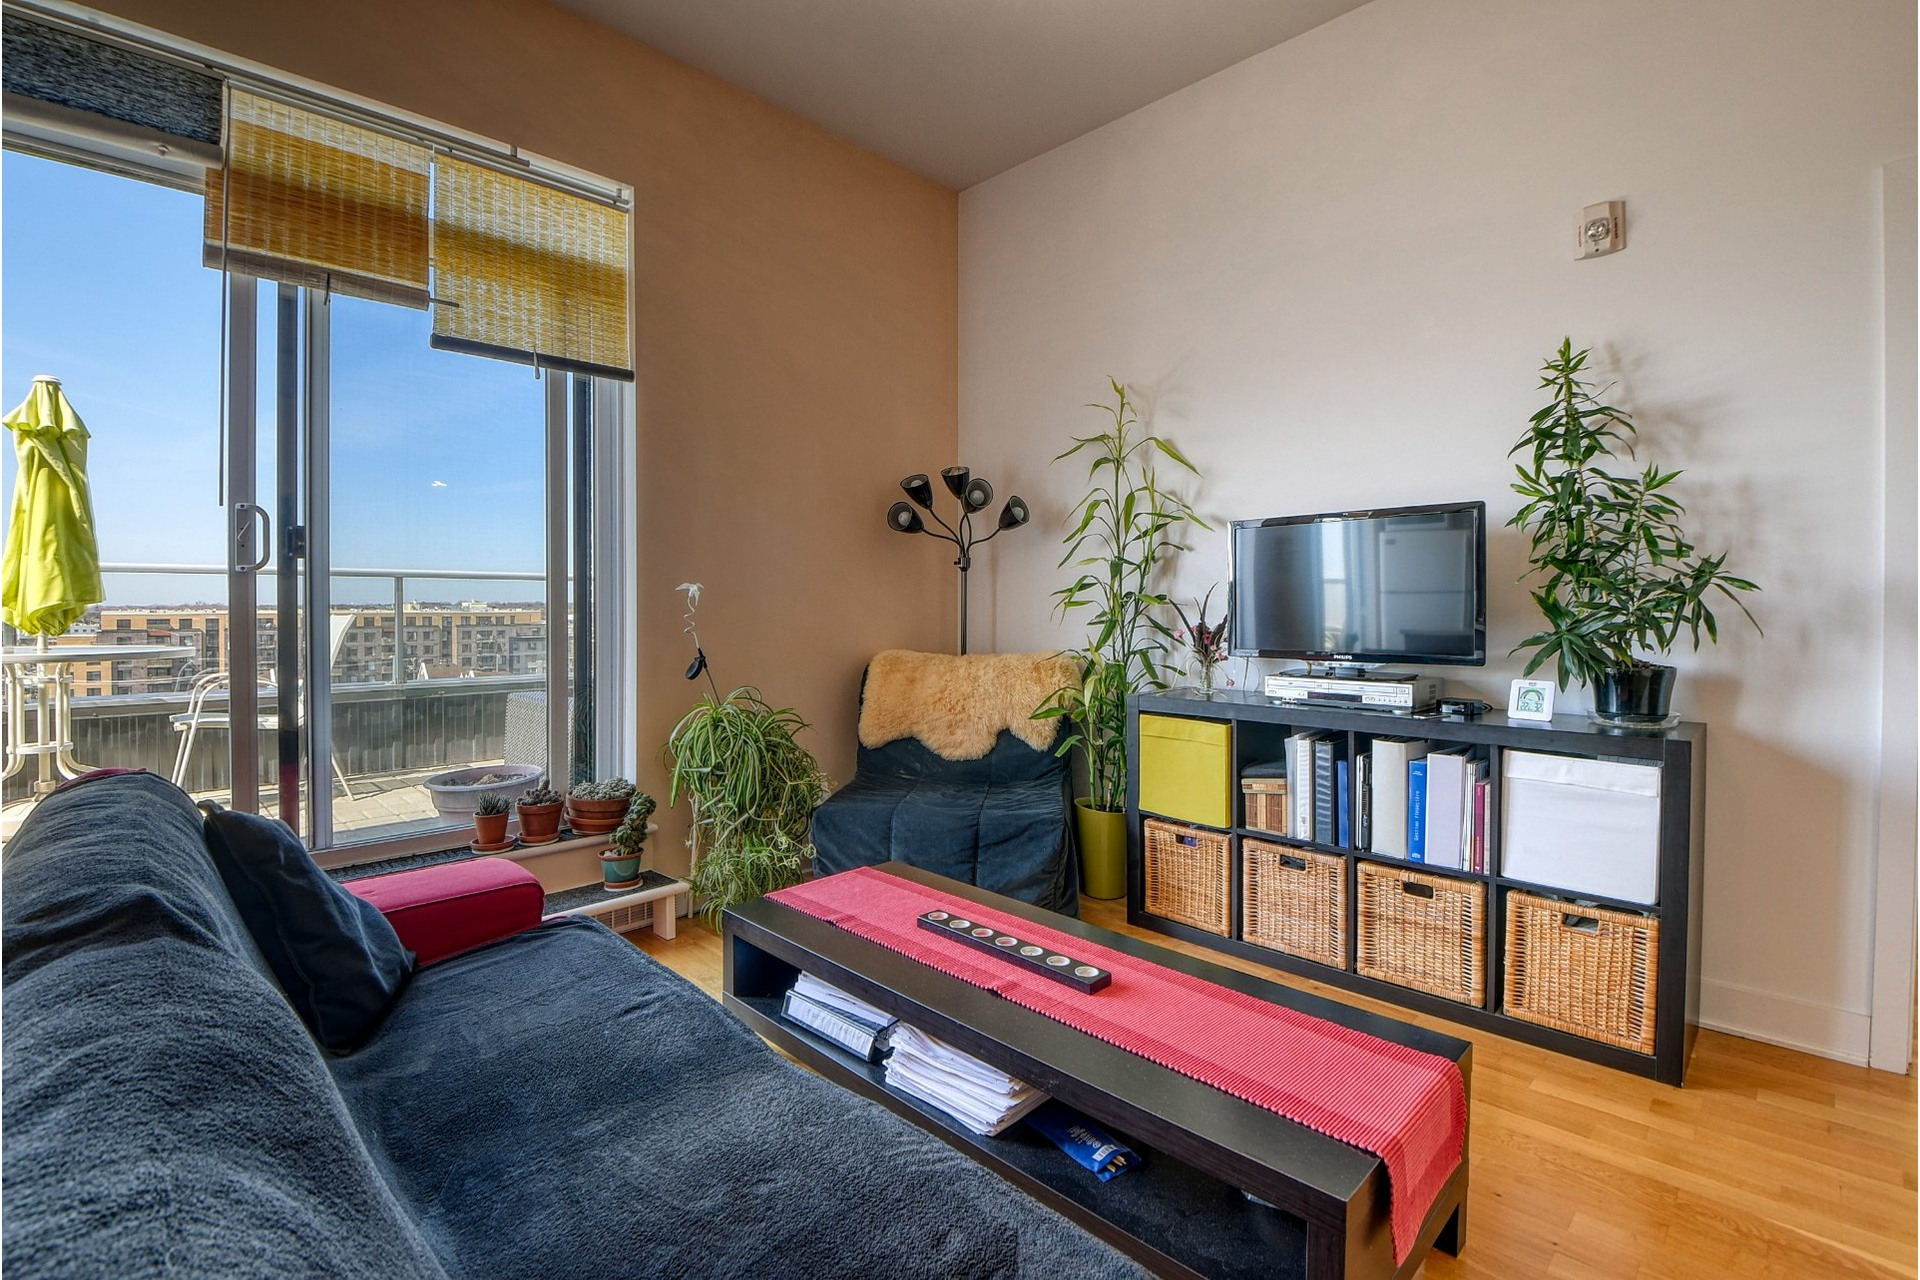 image 5 - Appartement À vendre Lachine Montréal  - 6 pièces